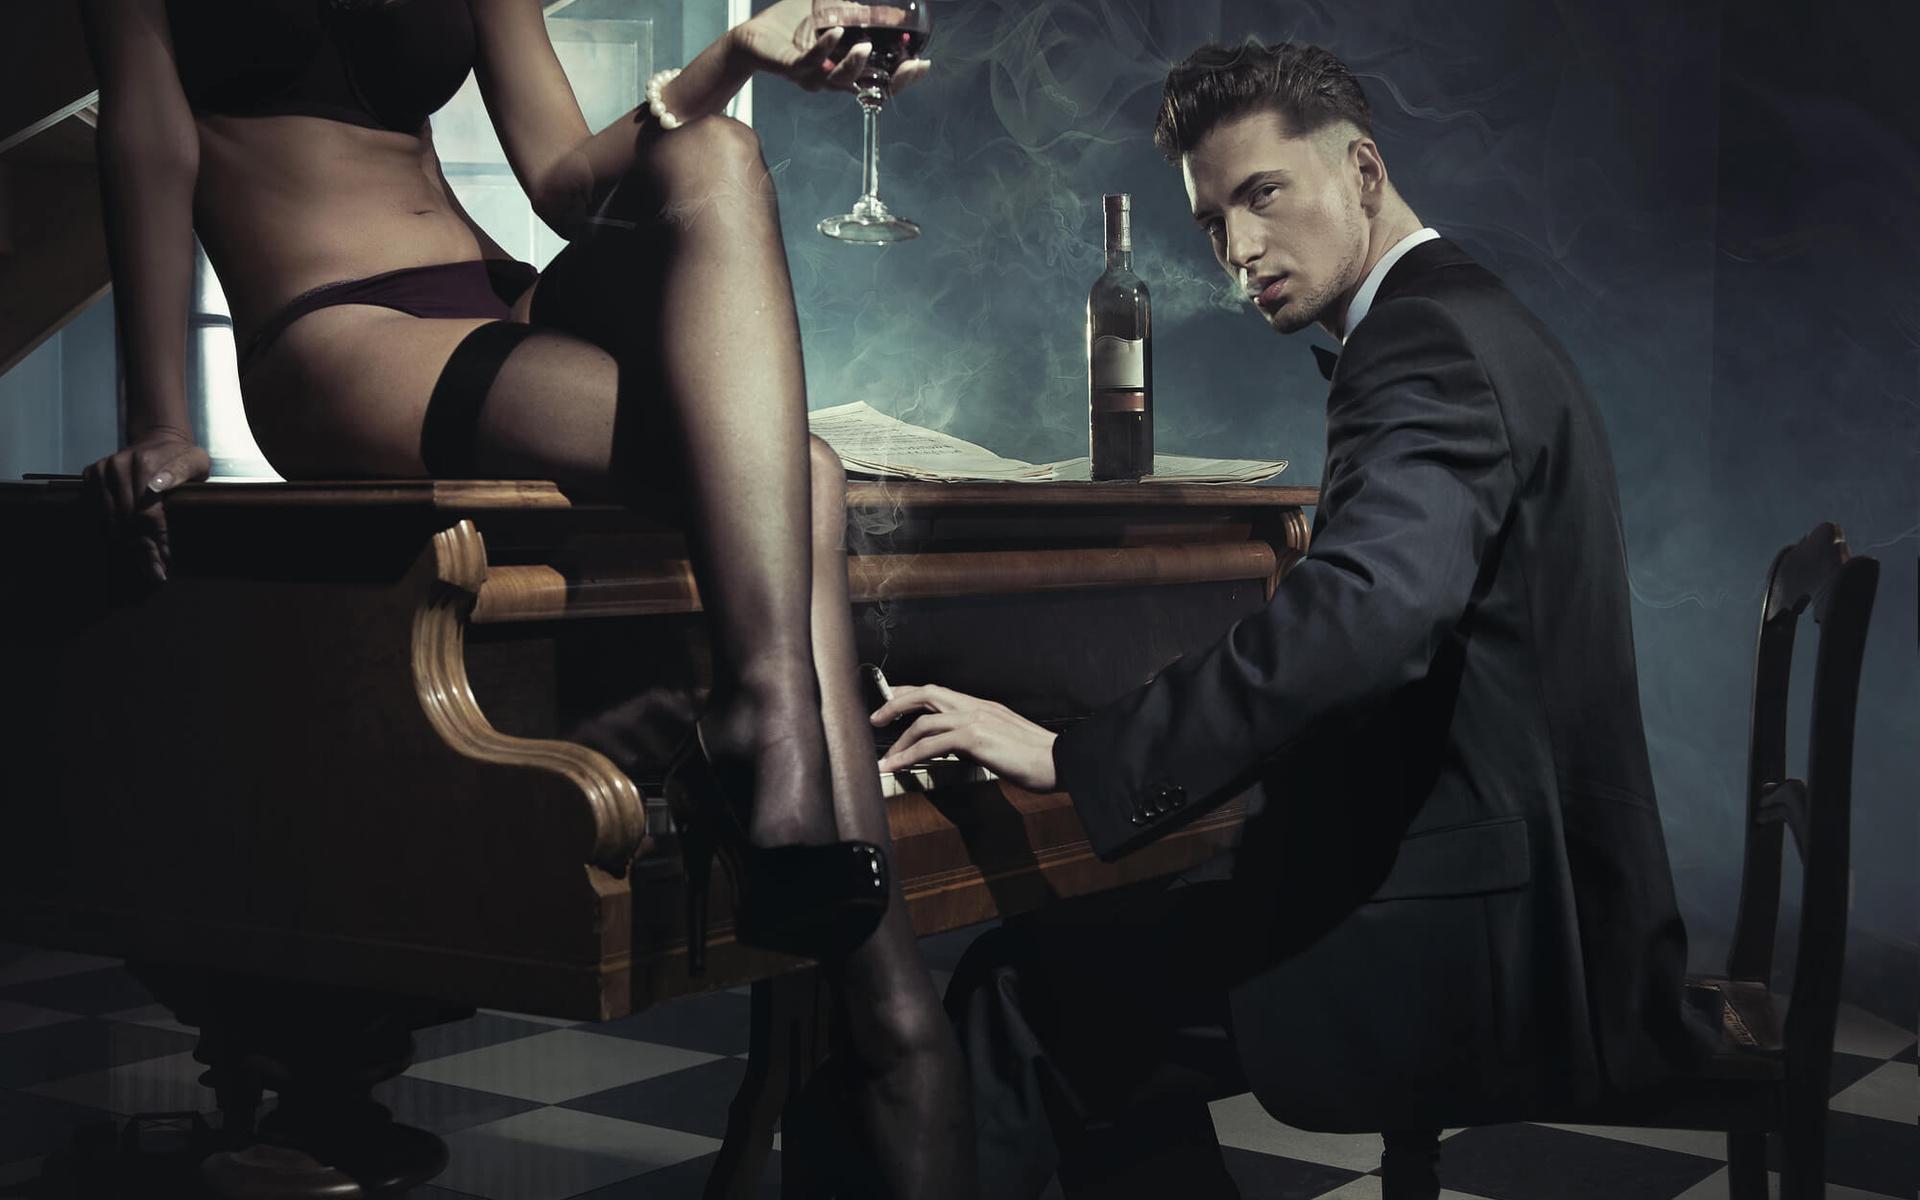 Эротическая фото порка девушек фалоиметатор видео порно